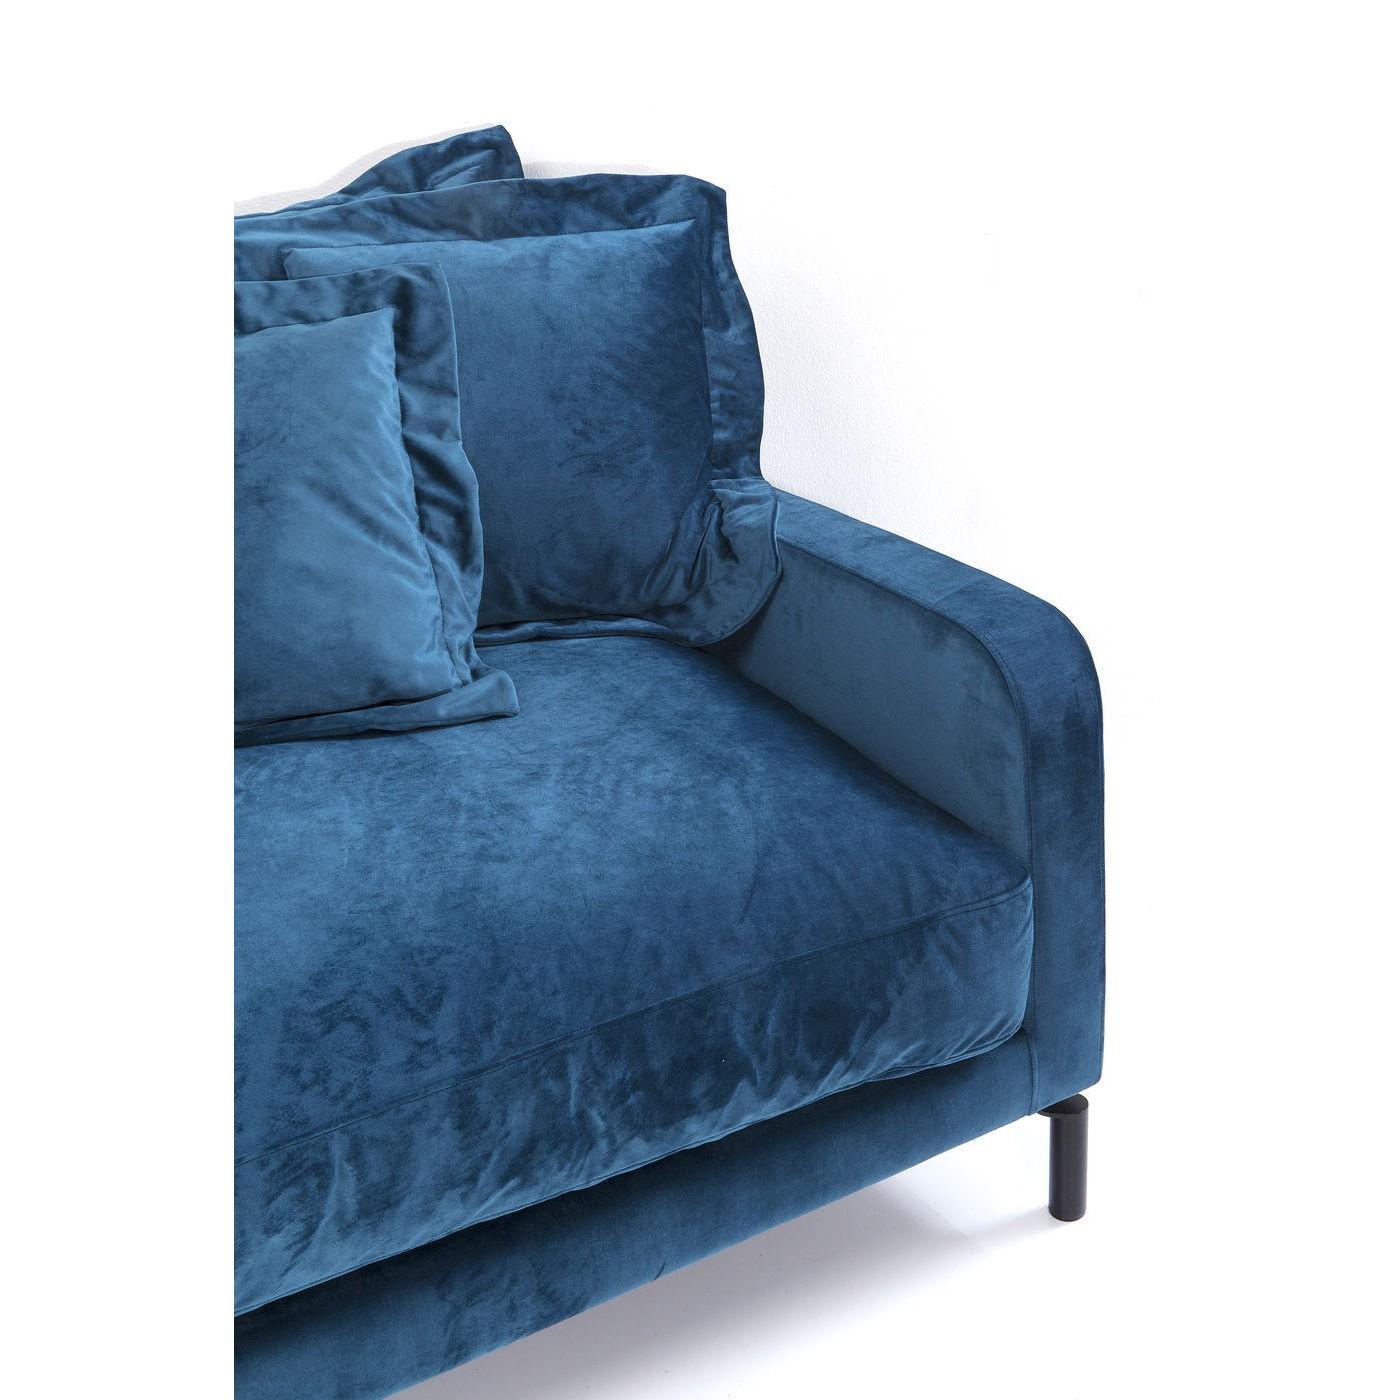 Canapé Lullaby 3 places velours bleu pétrole Kare Design